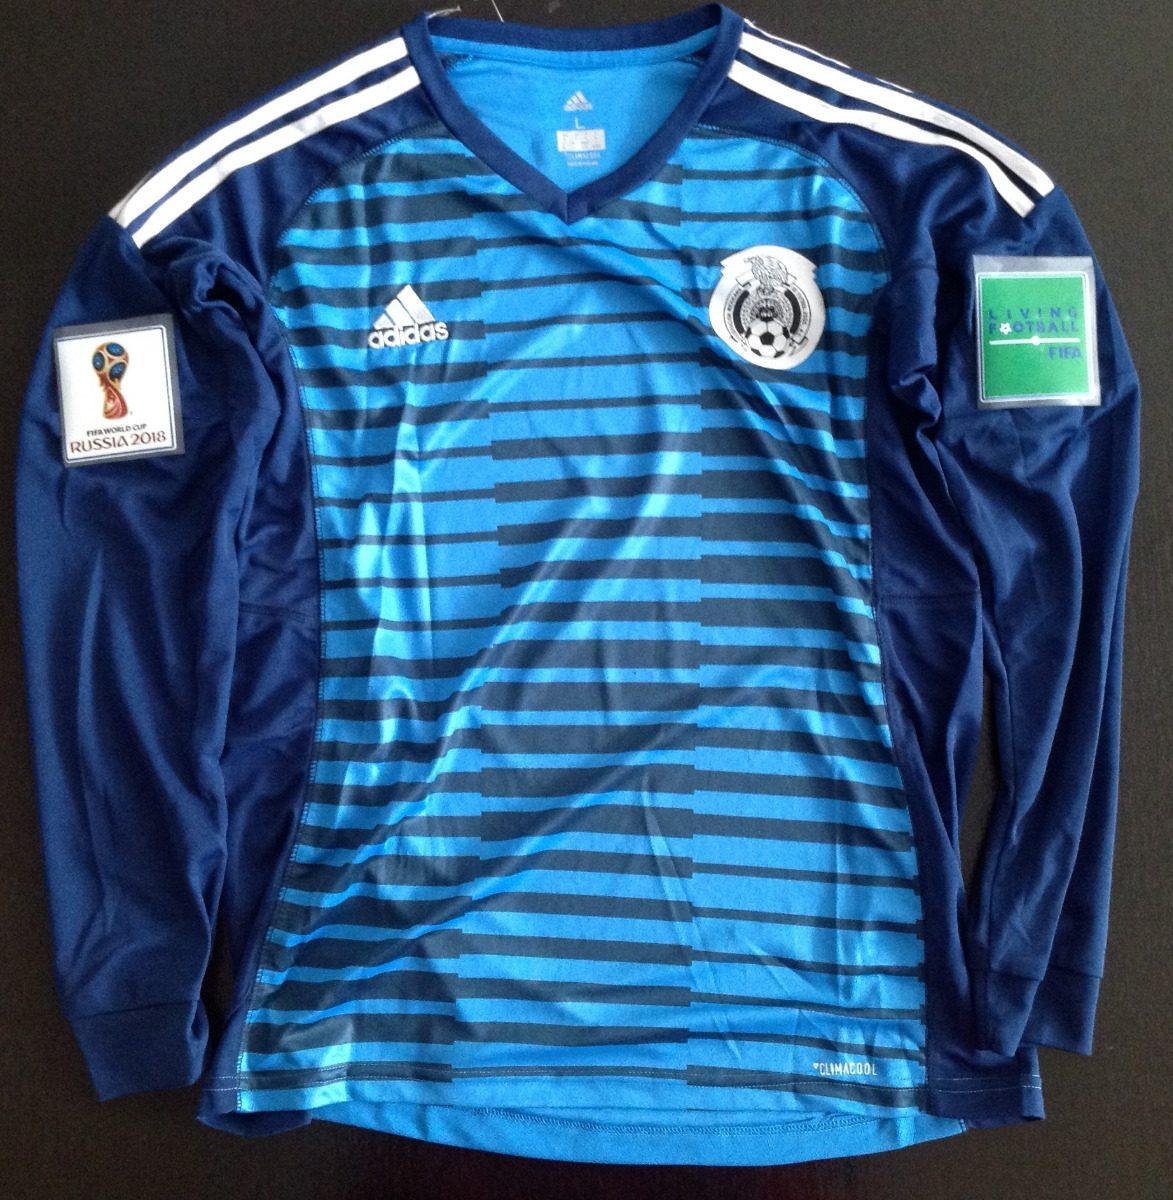 e0dc853a3685c Fabuloso jersey mexico portero azul manga larga parches cargando zoom jpg  1173x1200 Jersey portero de mexico